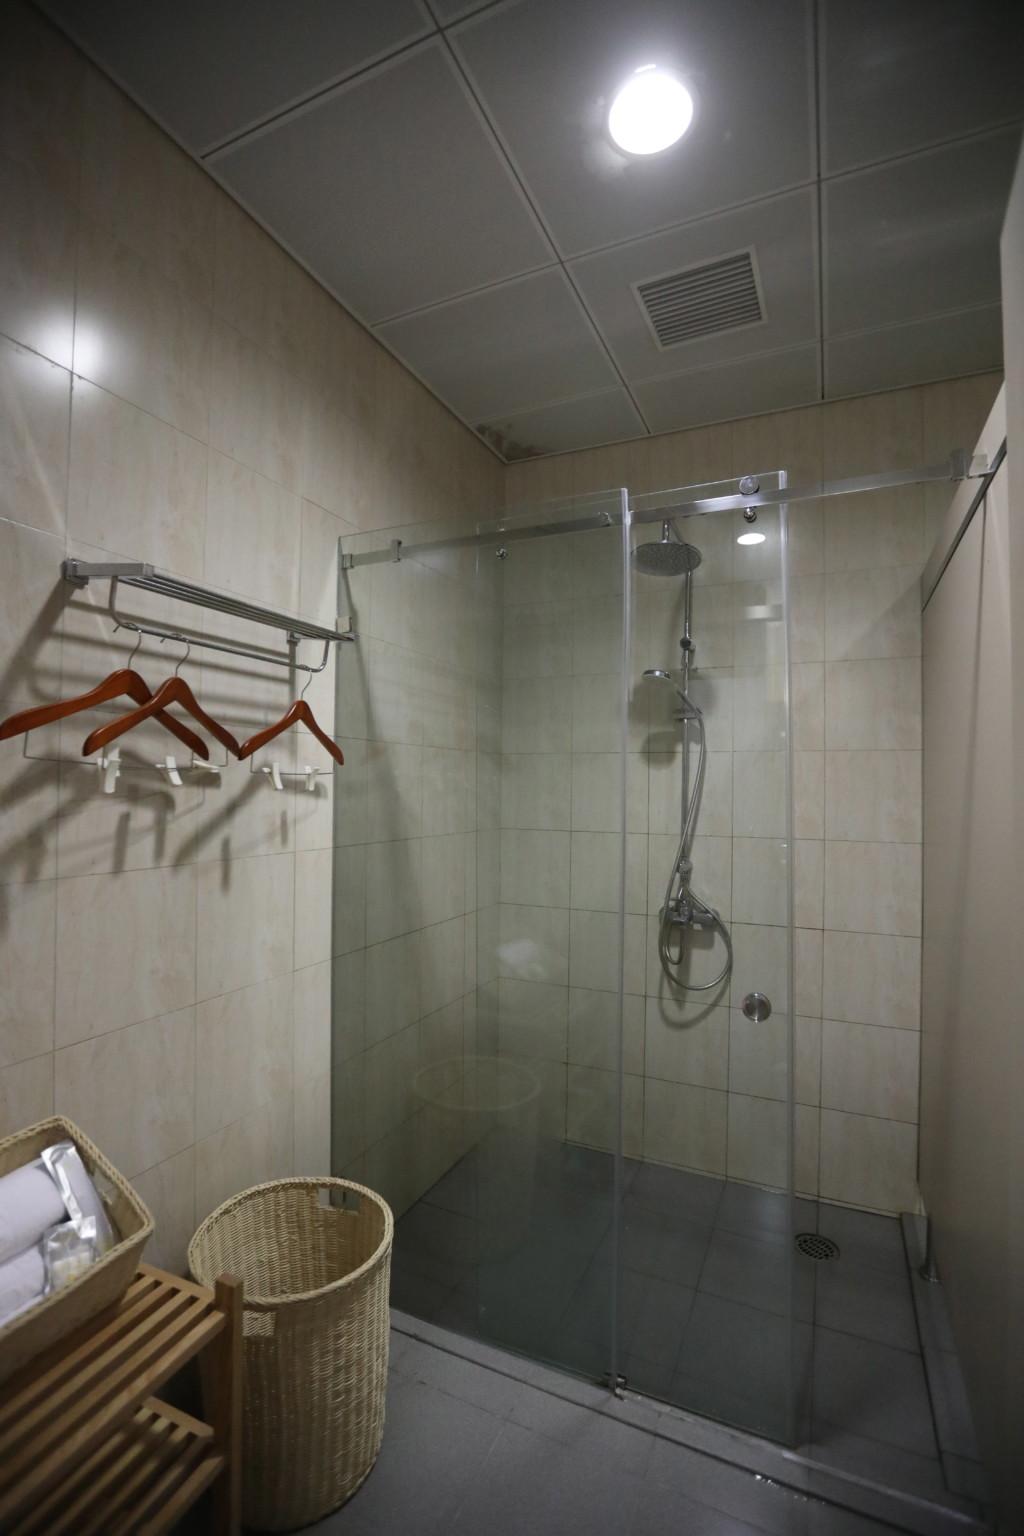 ガラス戸で仕切られたシャワー室内